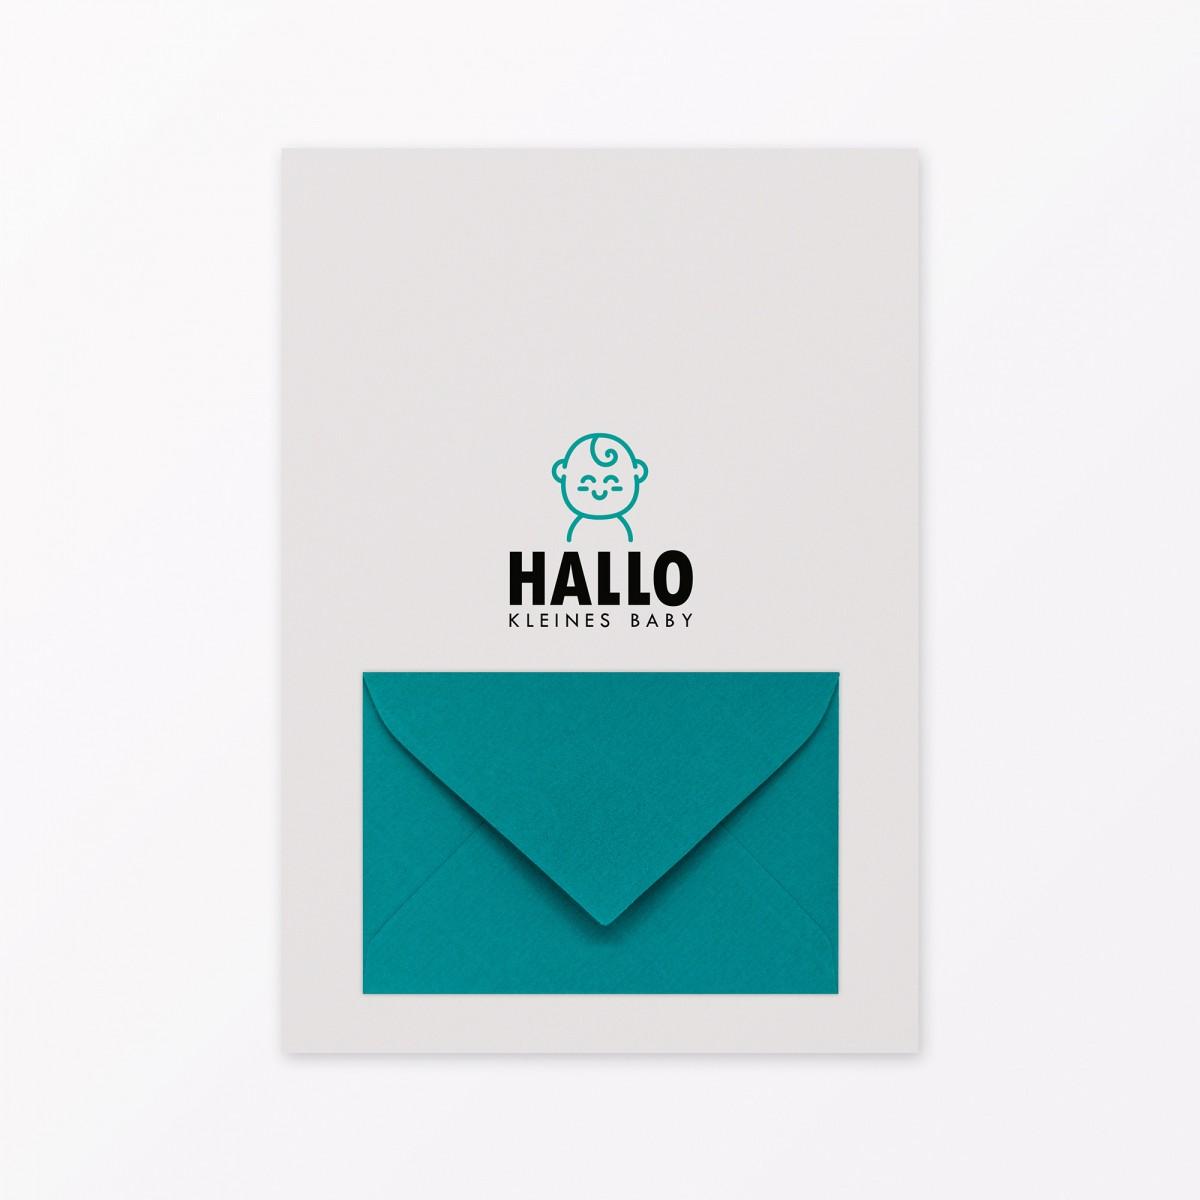 TYPOP 5-teiliges Set Design BABYKALENDER Hallo kleines Baby inkl. Umschlag